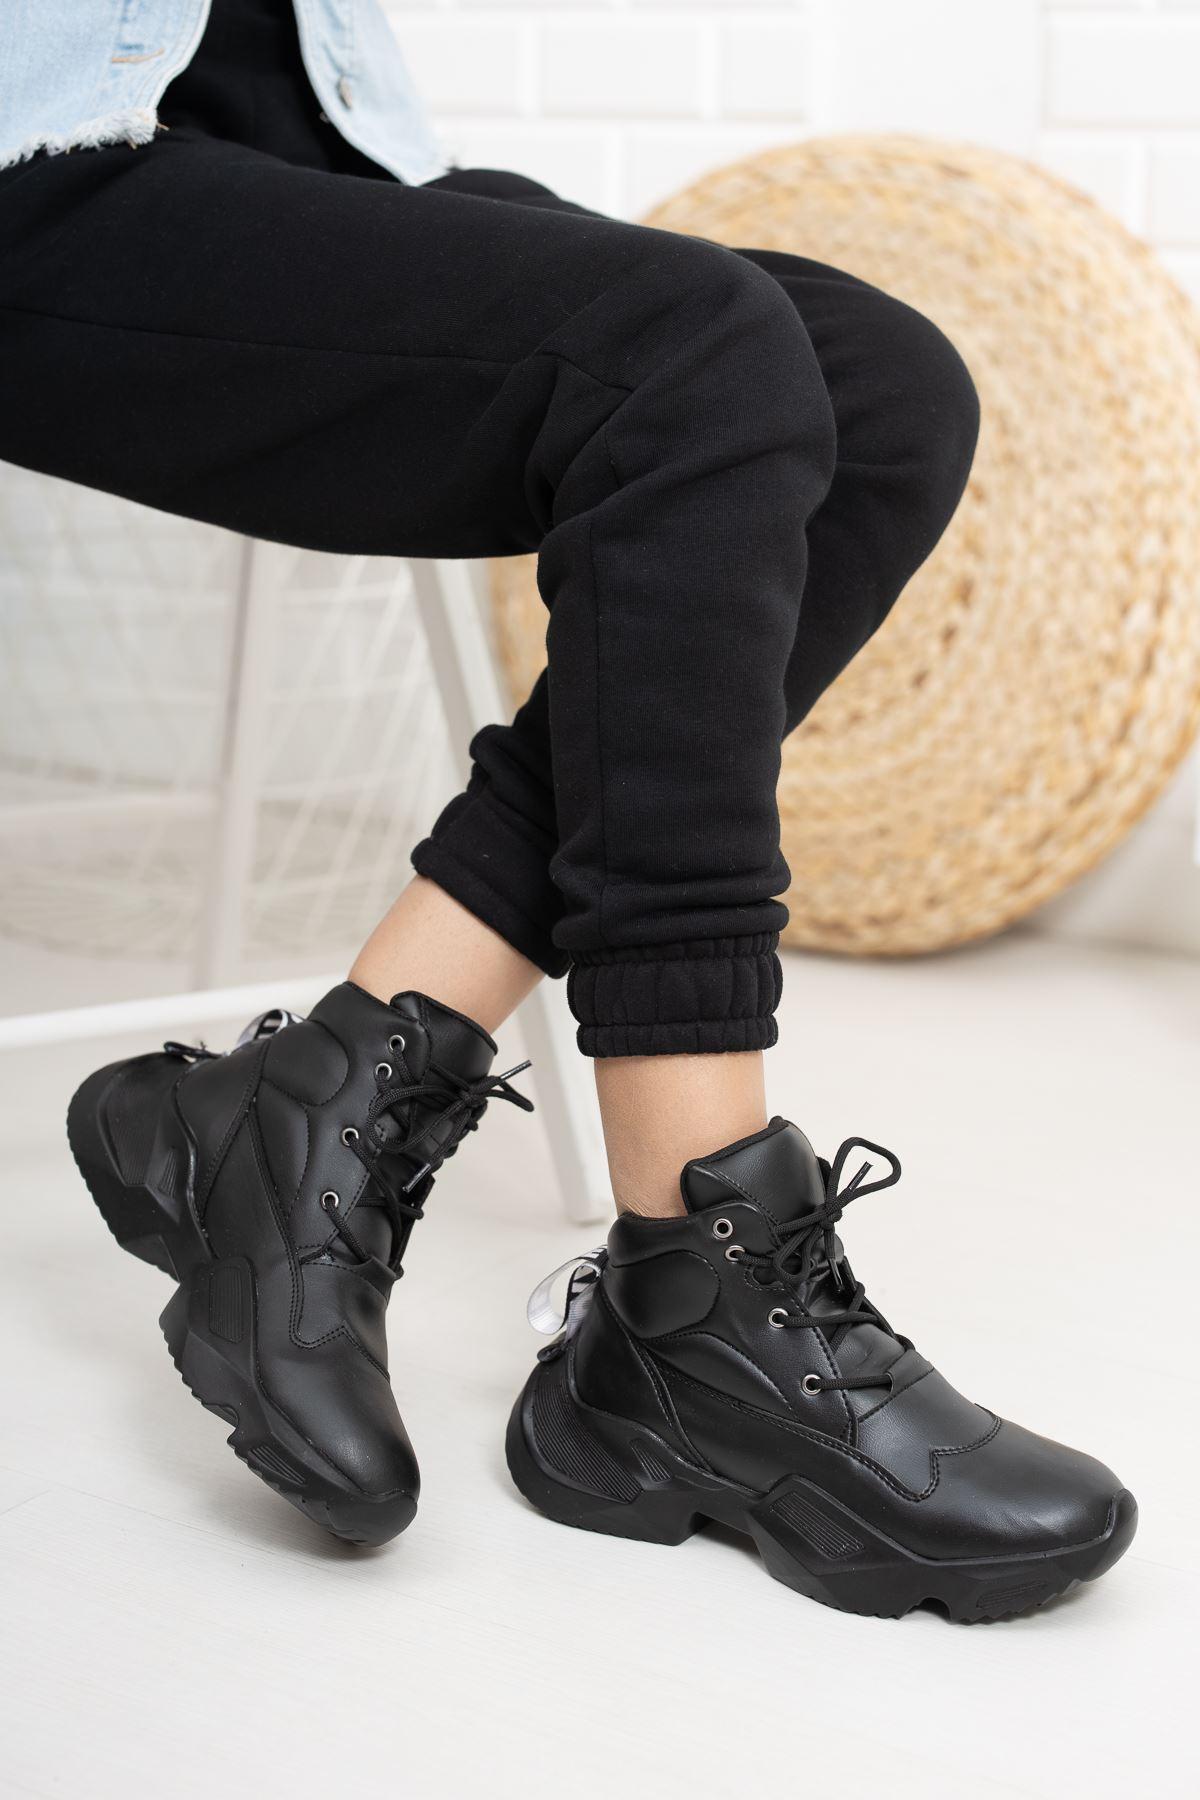 Aspidistra Siyah Ortapedik Yüksek Taban Spor Ayakkabı